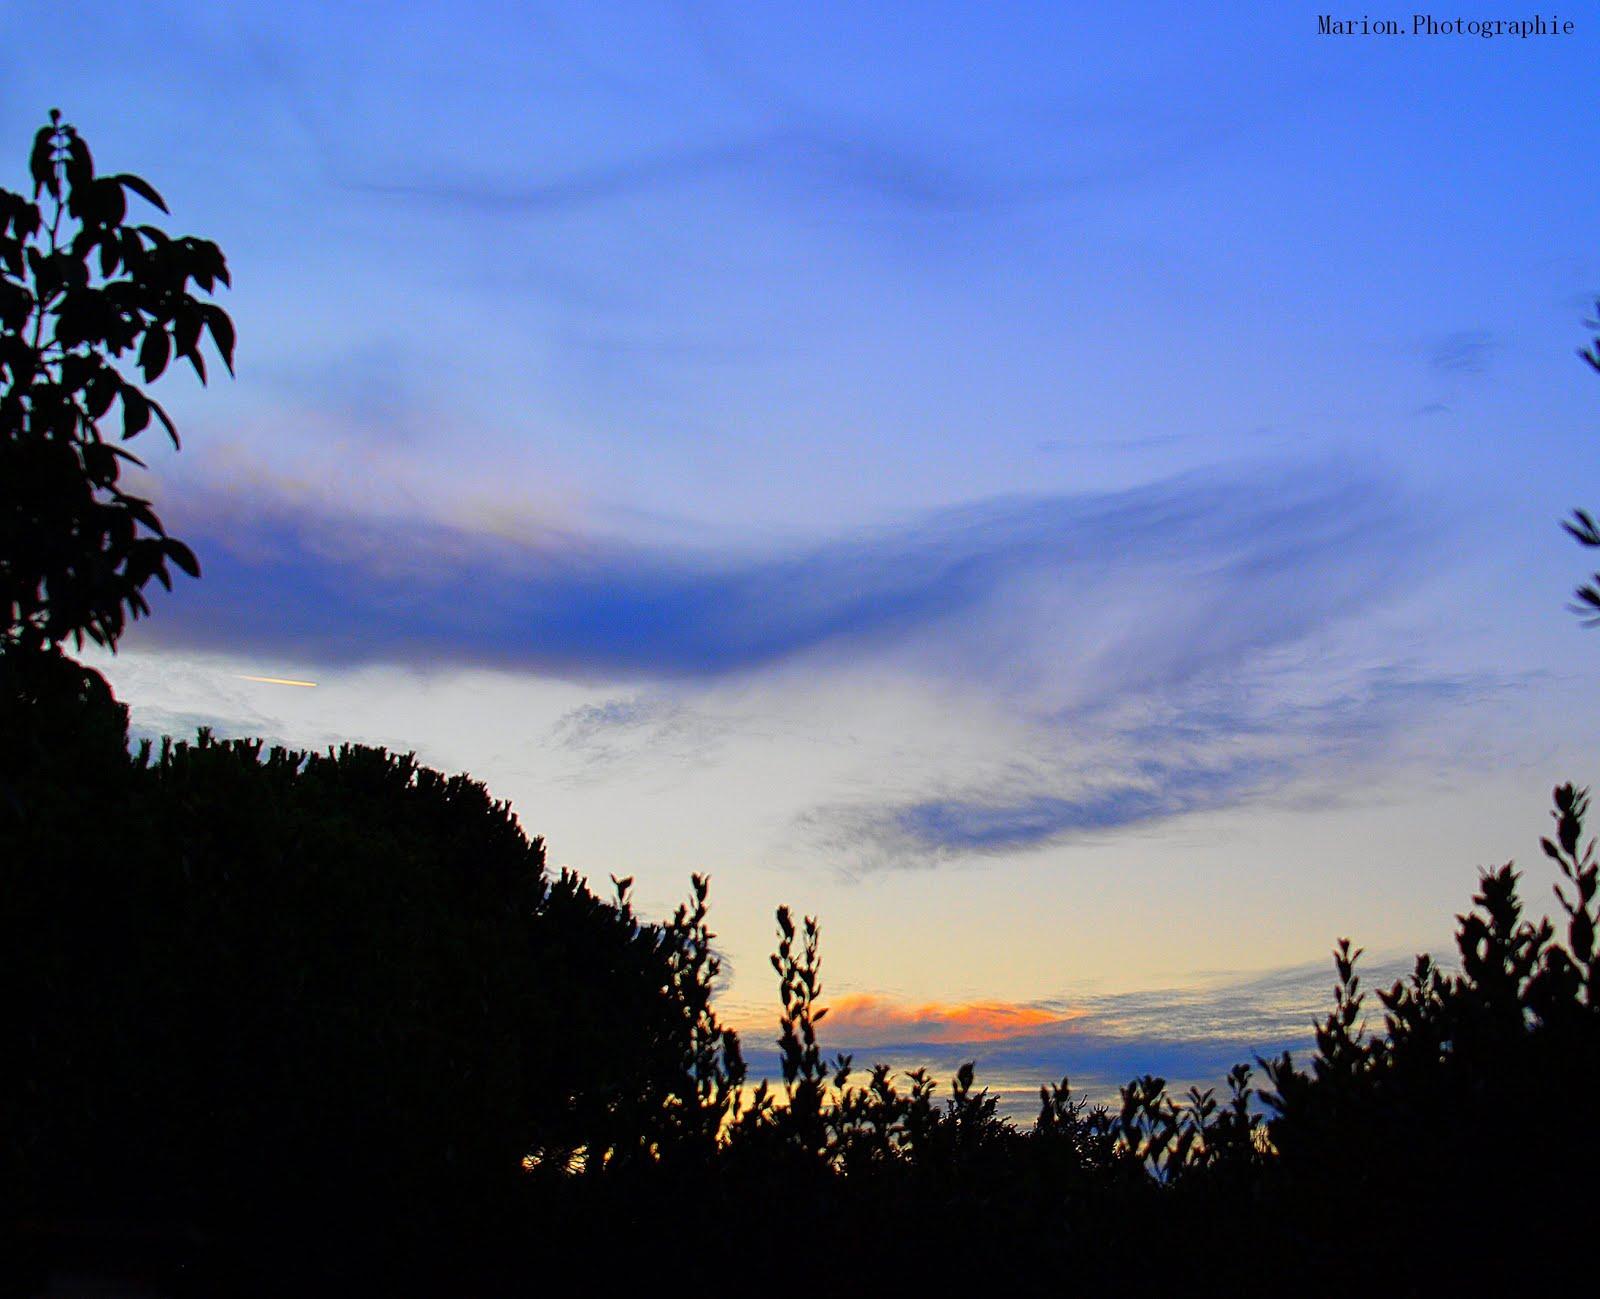 Marion photographie d 39 une beaut blouissante - Paroles j ai attrape un coup de soleil ...